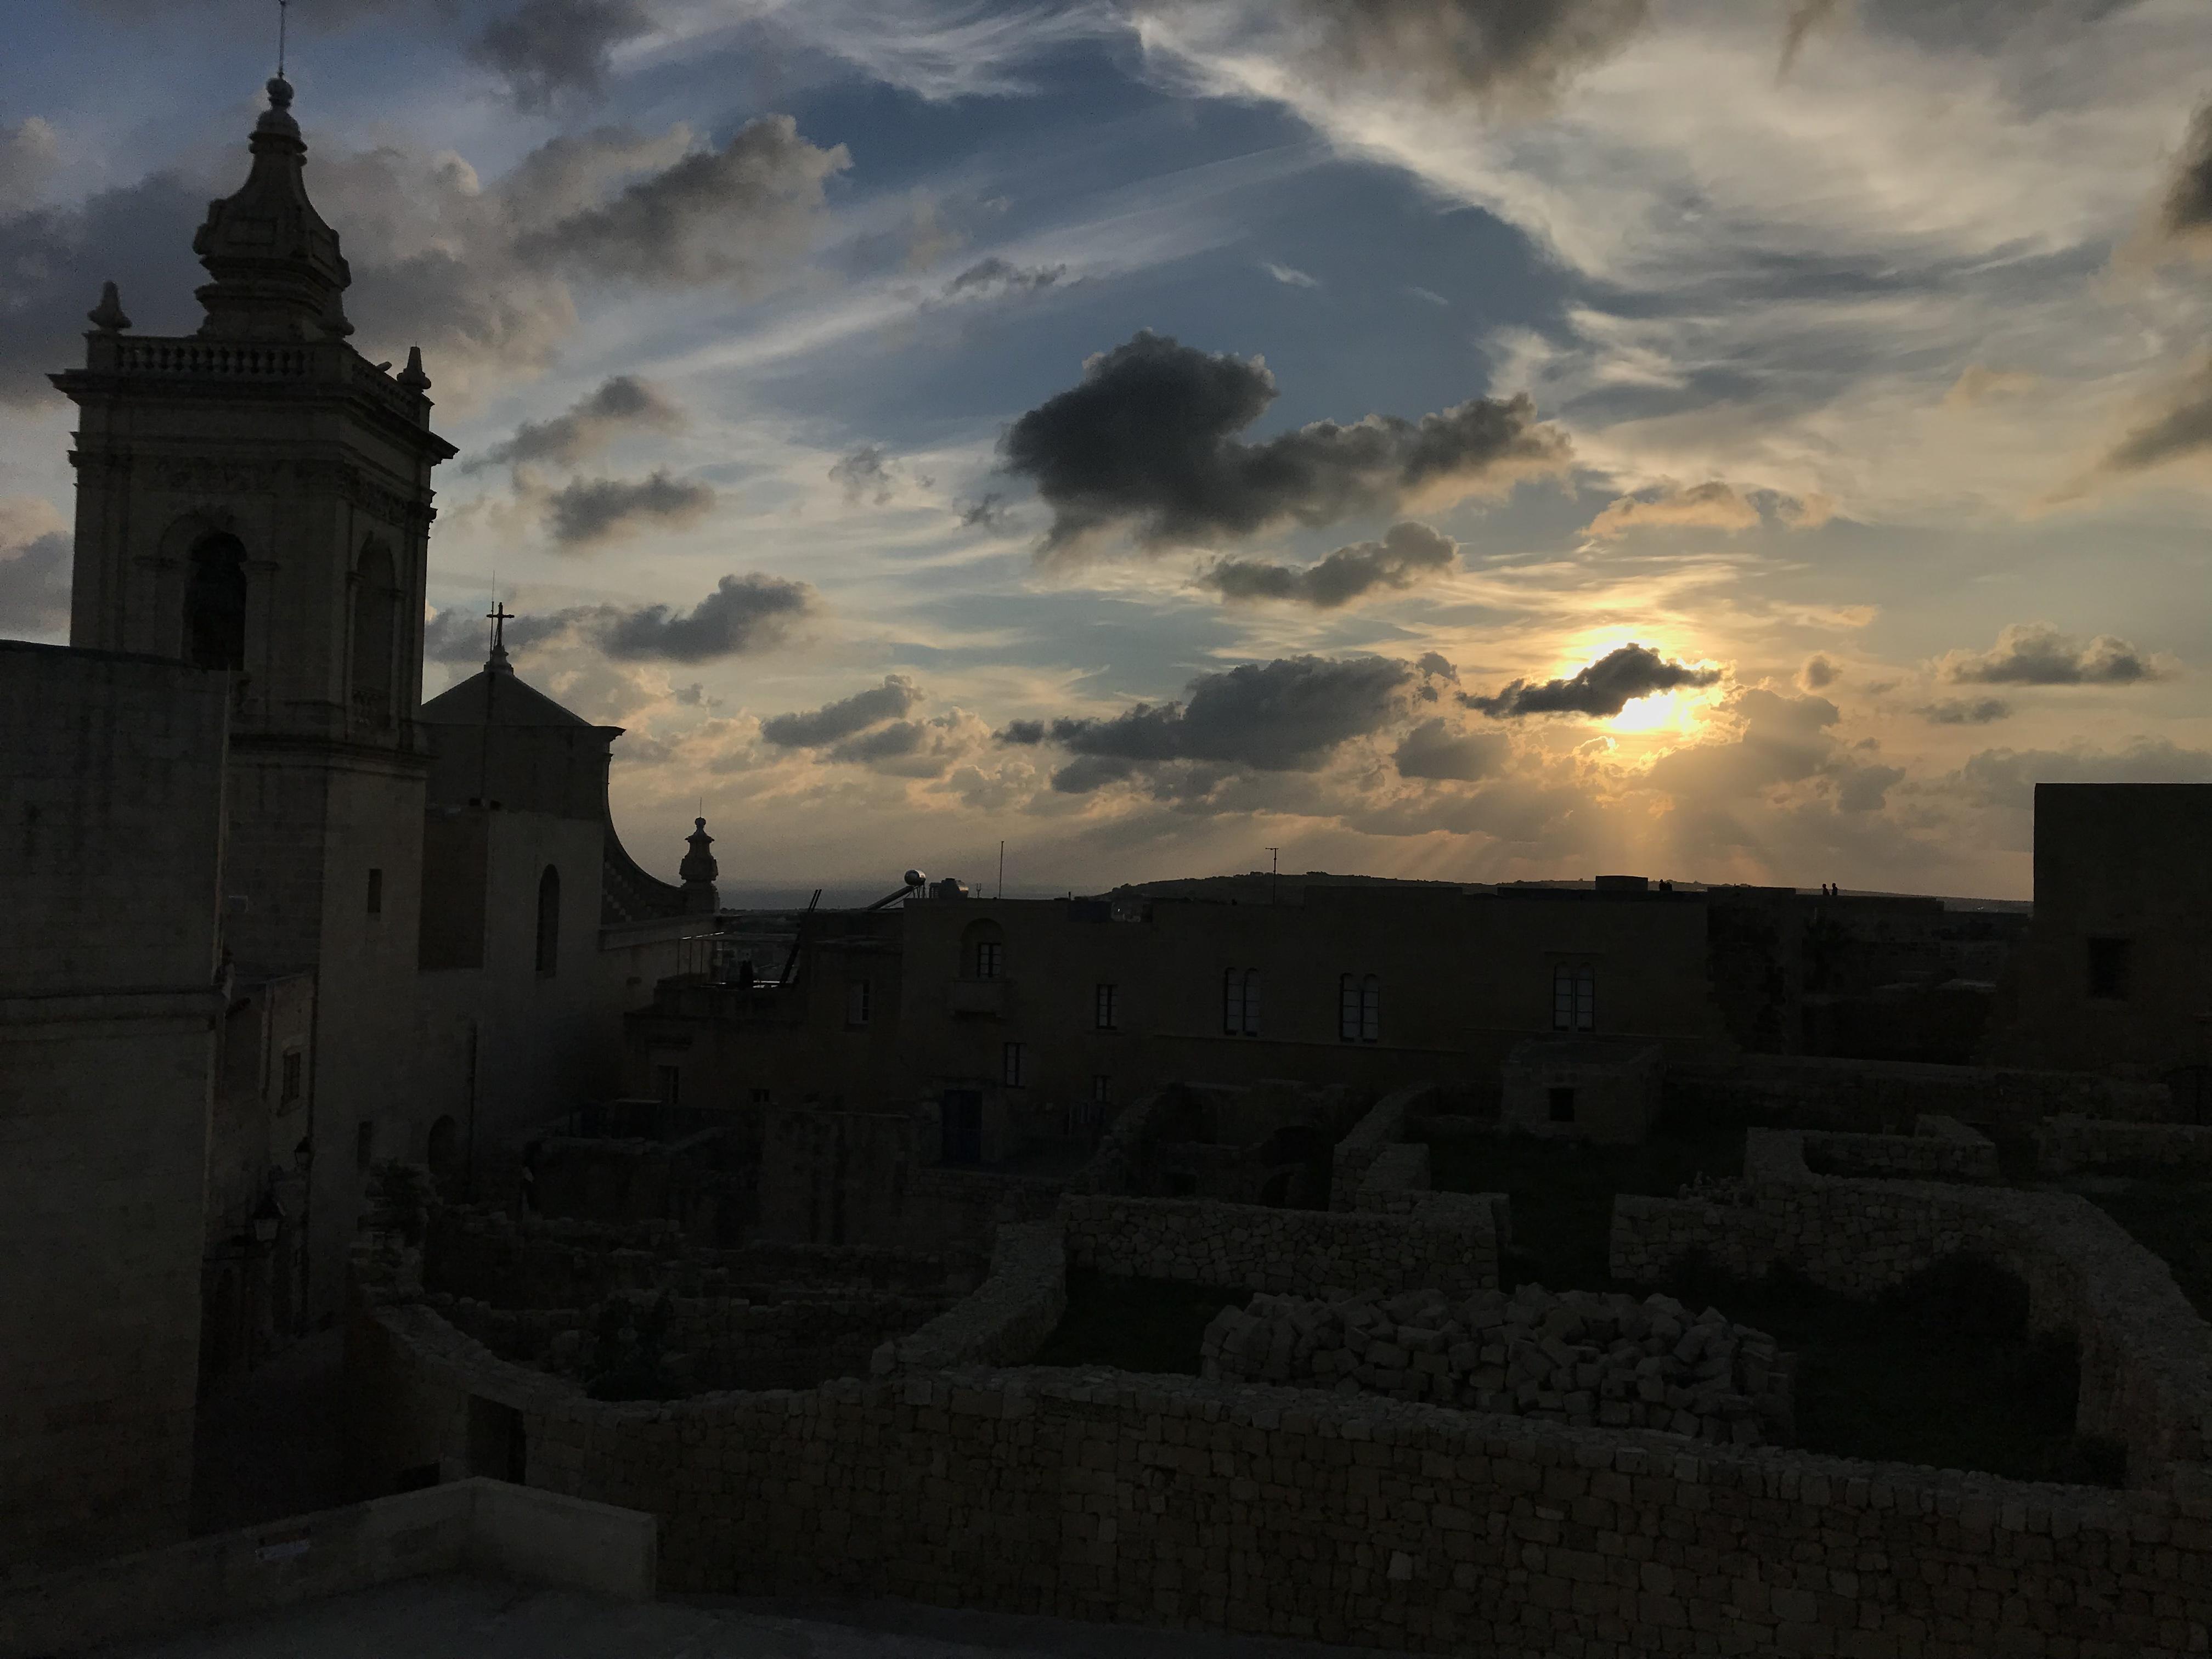 Sonnenuntergang bei der Zitadelle von Victoria